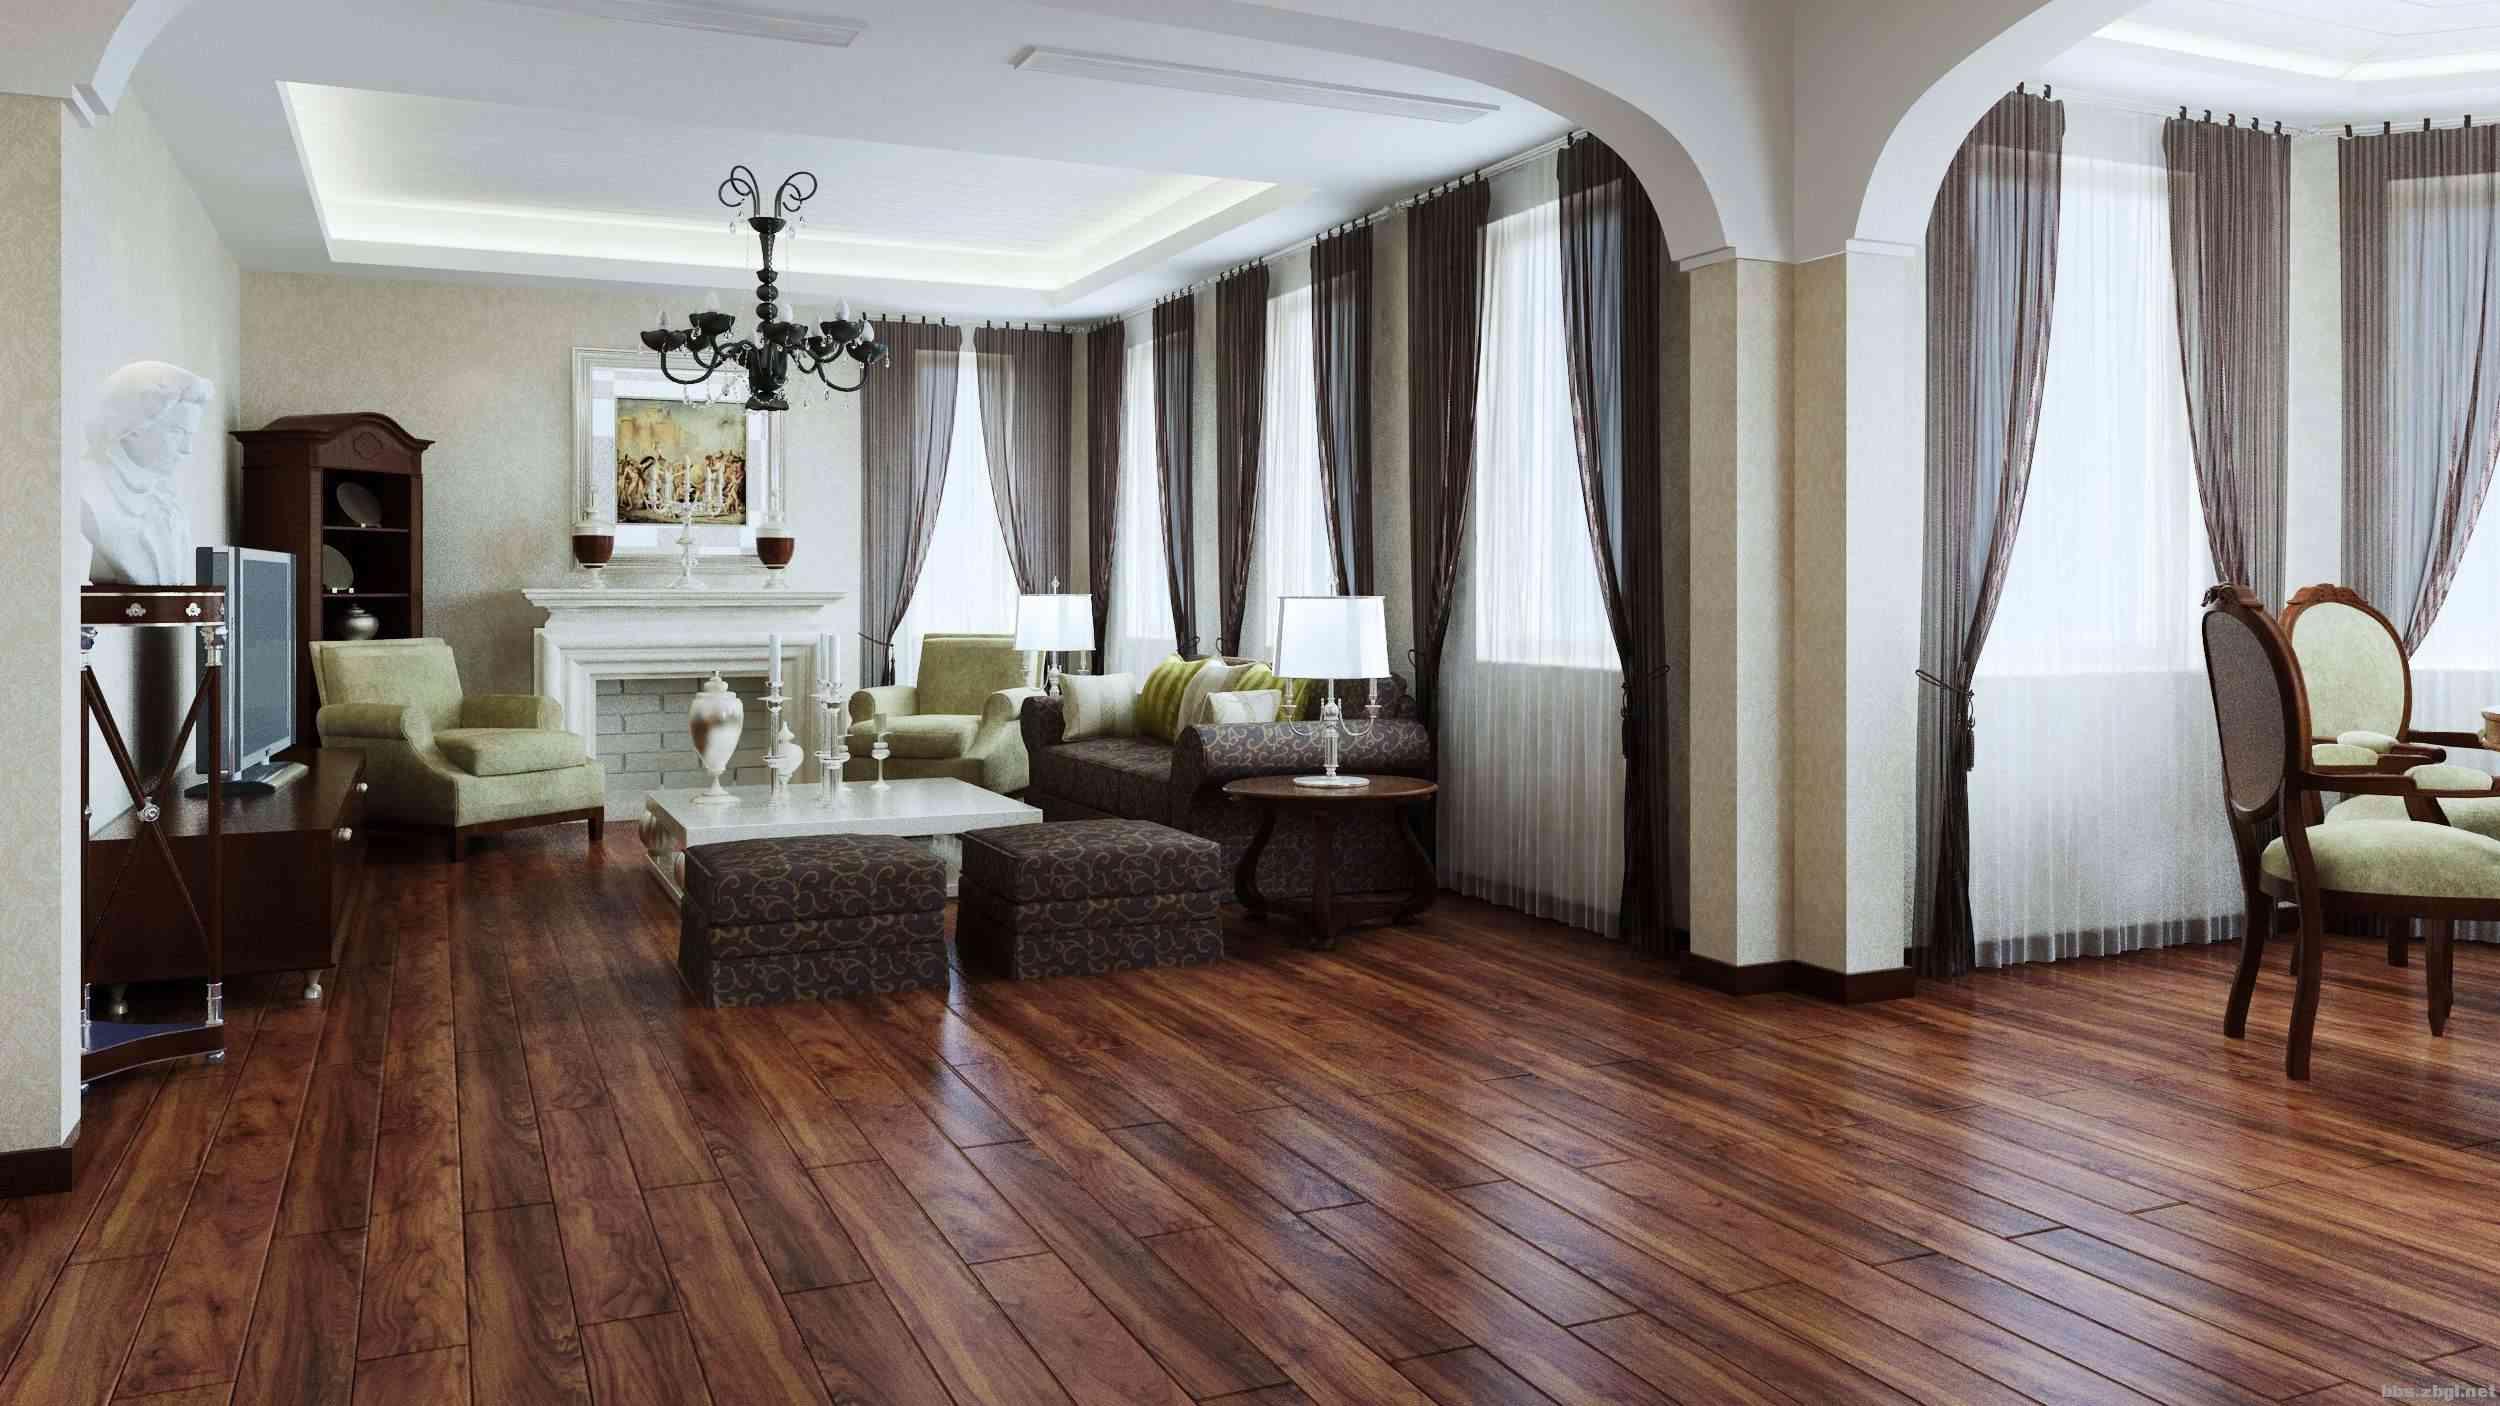 客厅在选择木地板时,主要考虑防水,变形,耐磨这些问题,毫无疑问强化